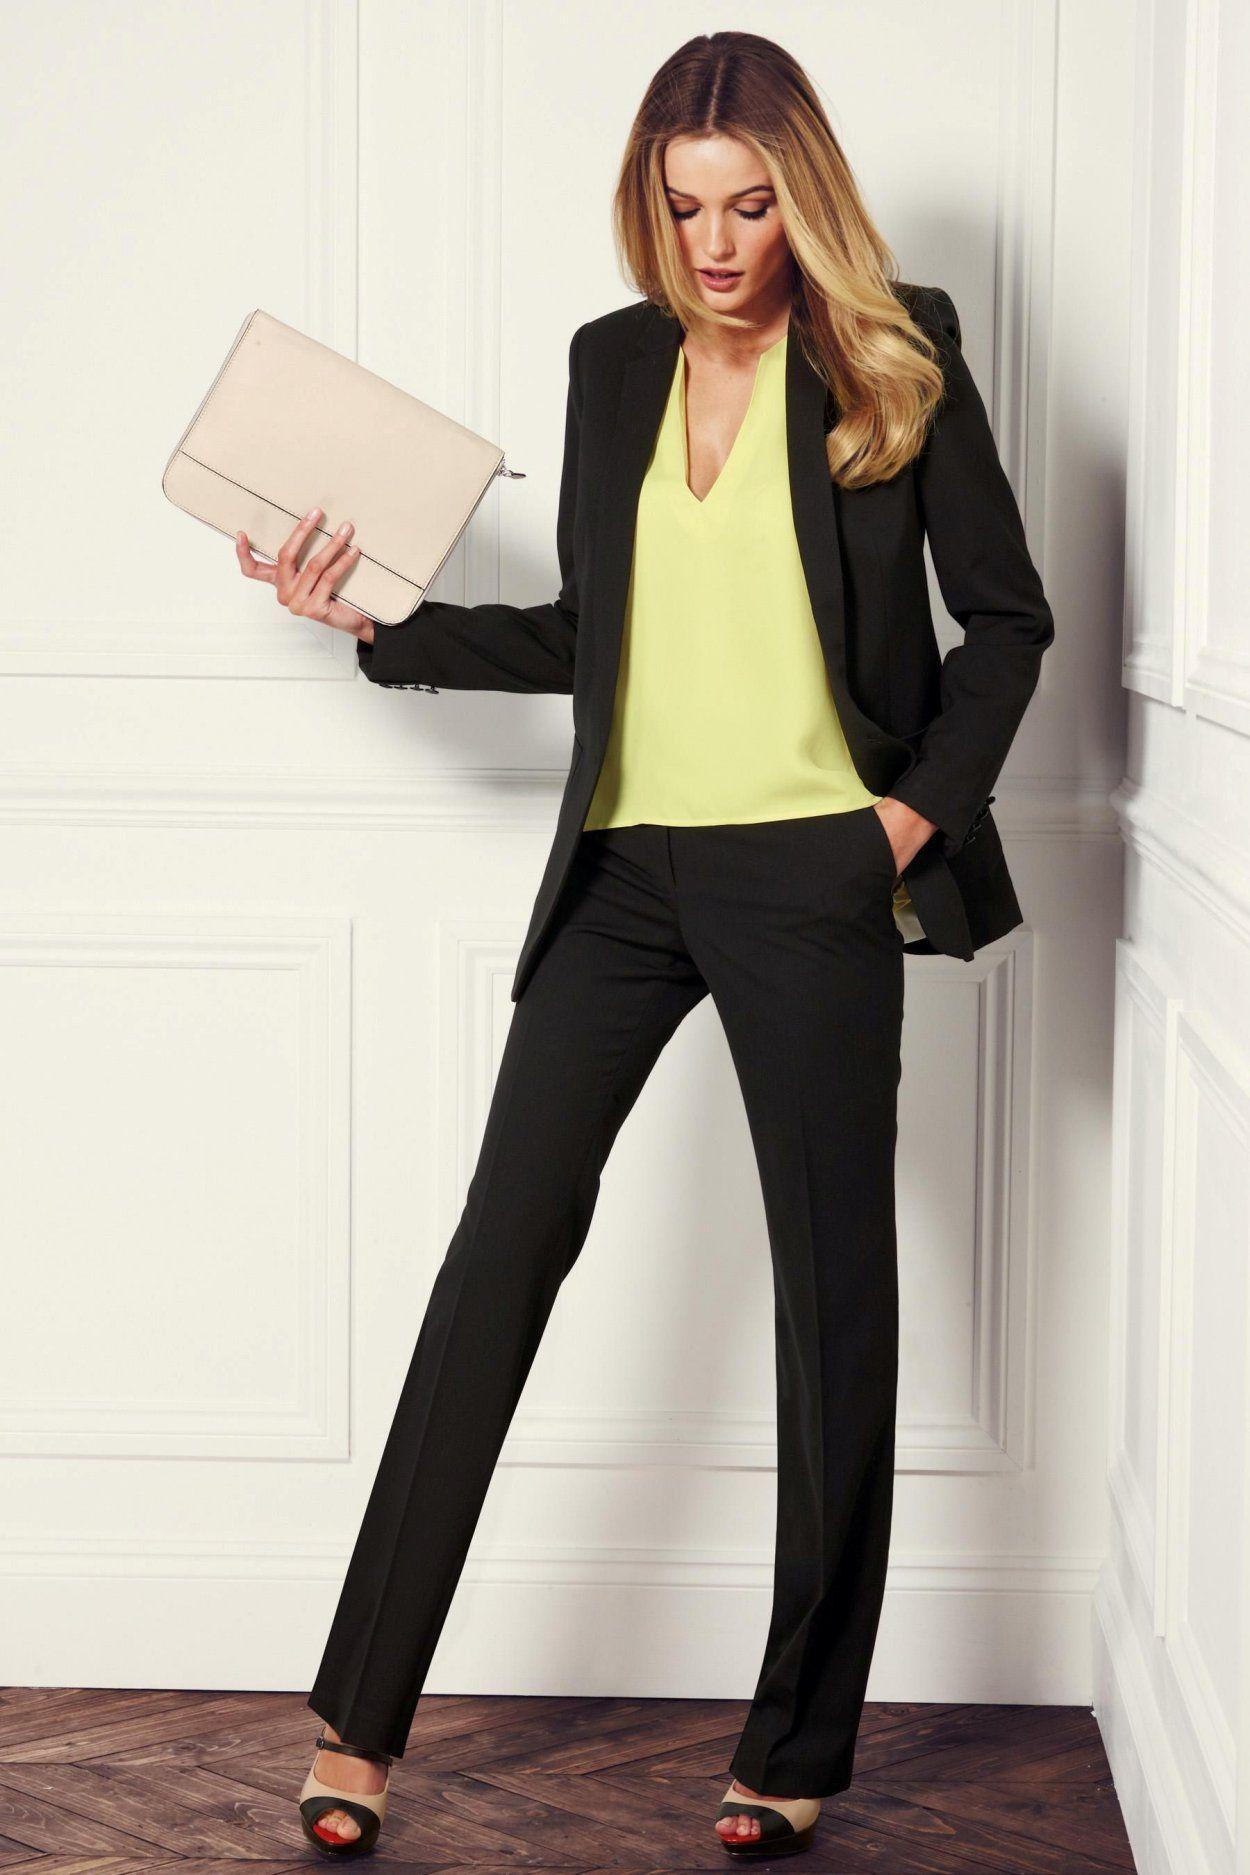 Формальный деловой стиль одежды - черный брючный костюм.